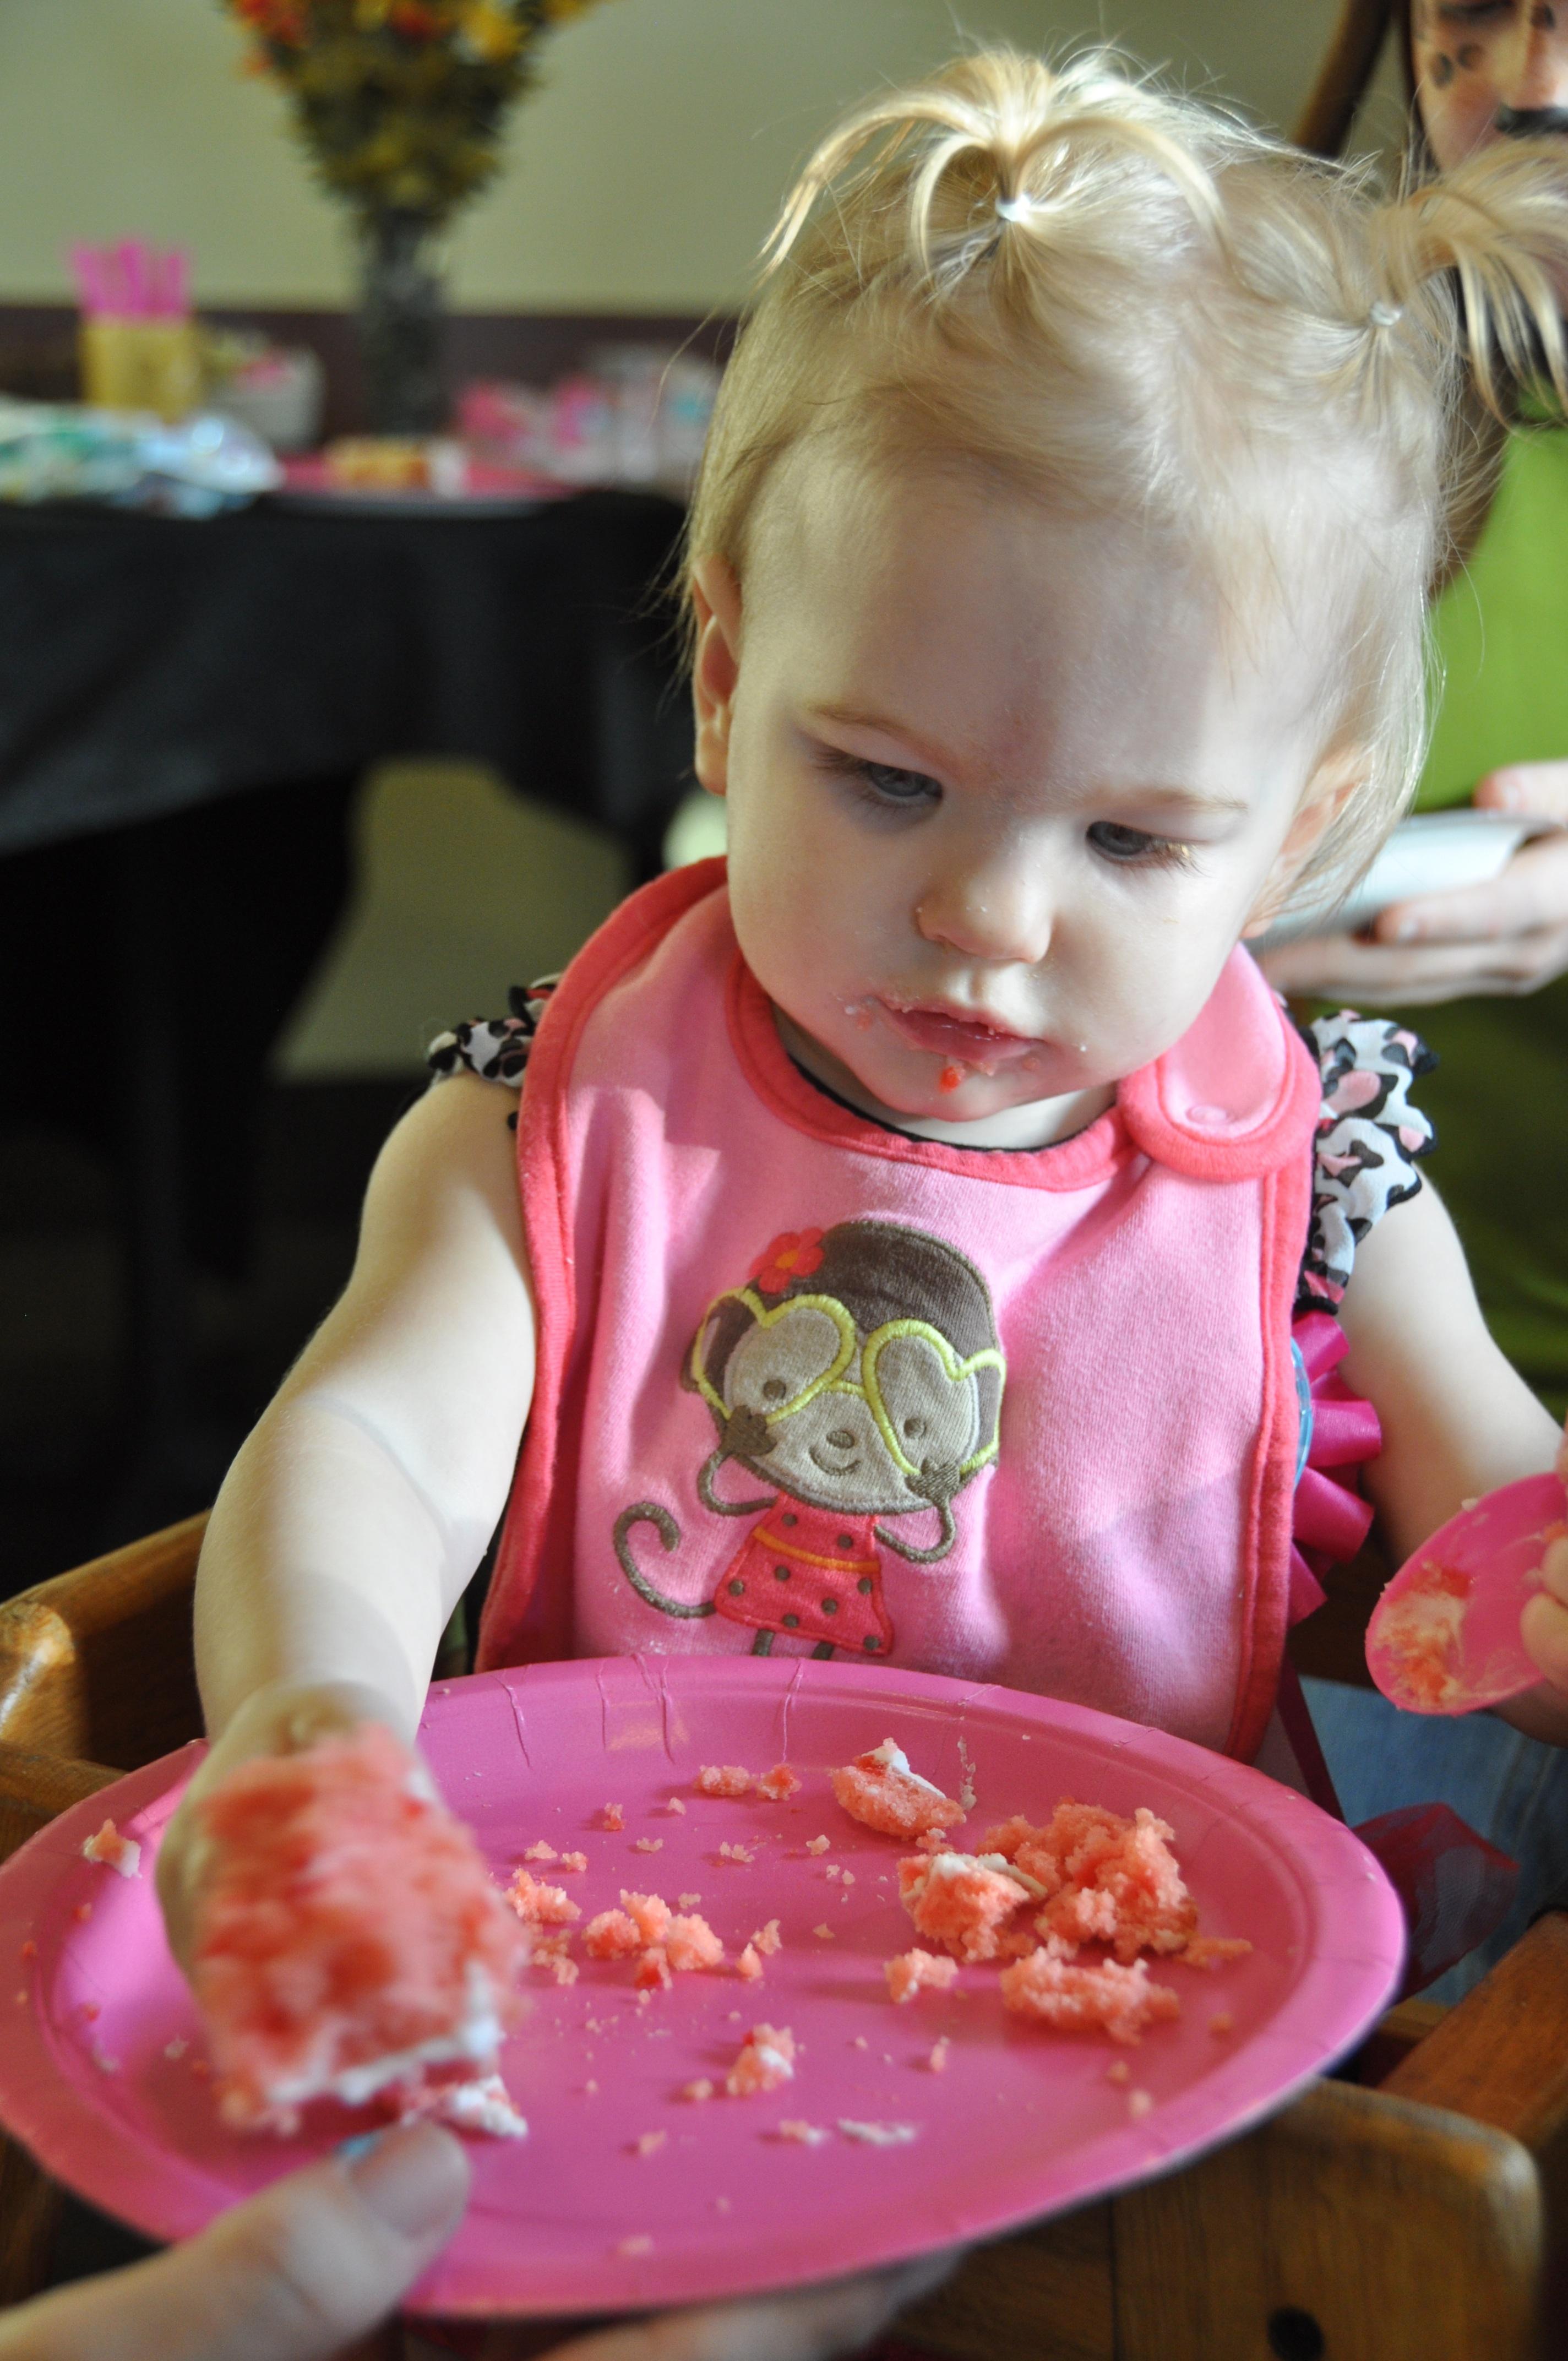 free images : girl, sweet, cute, celebration, food, child, cake